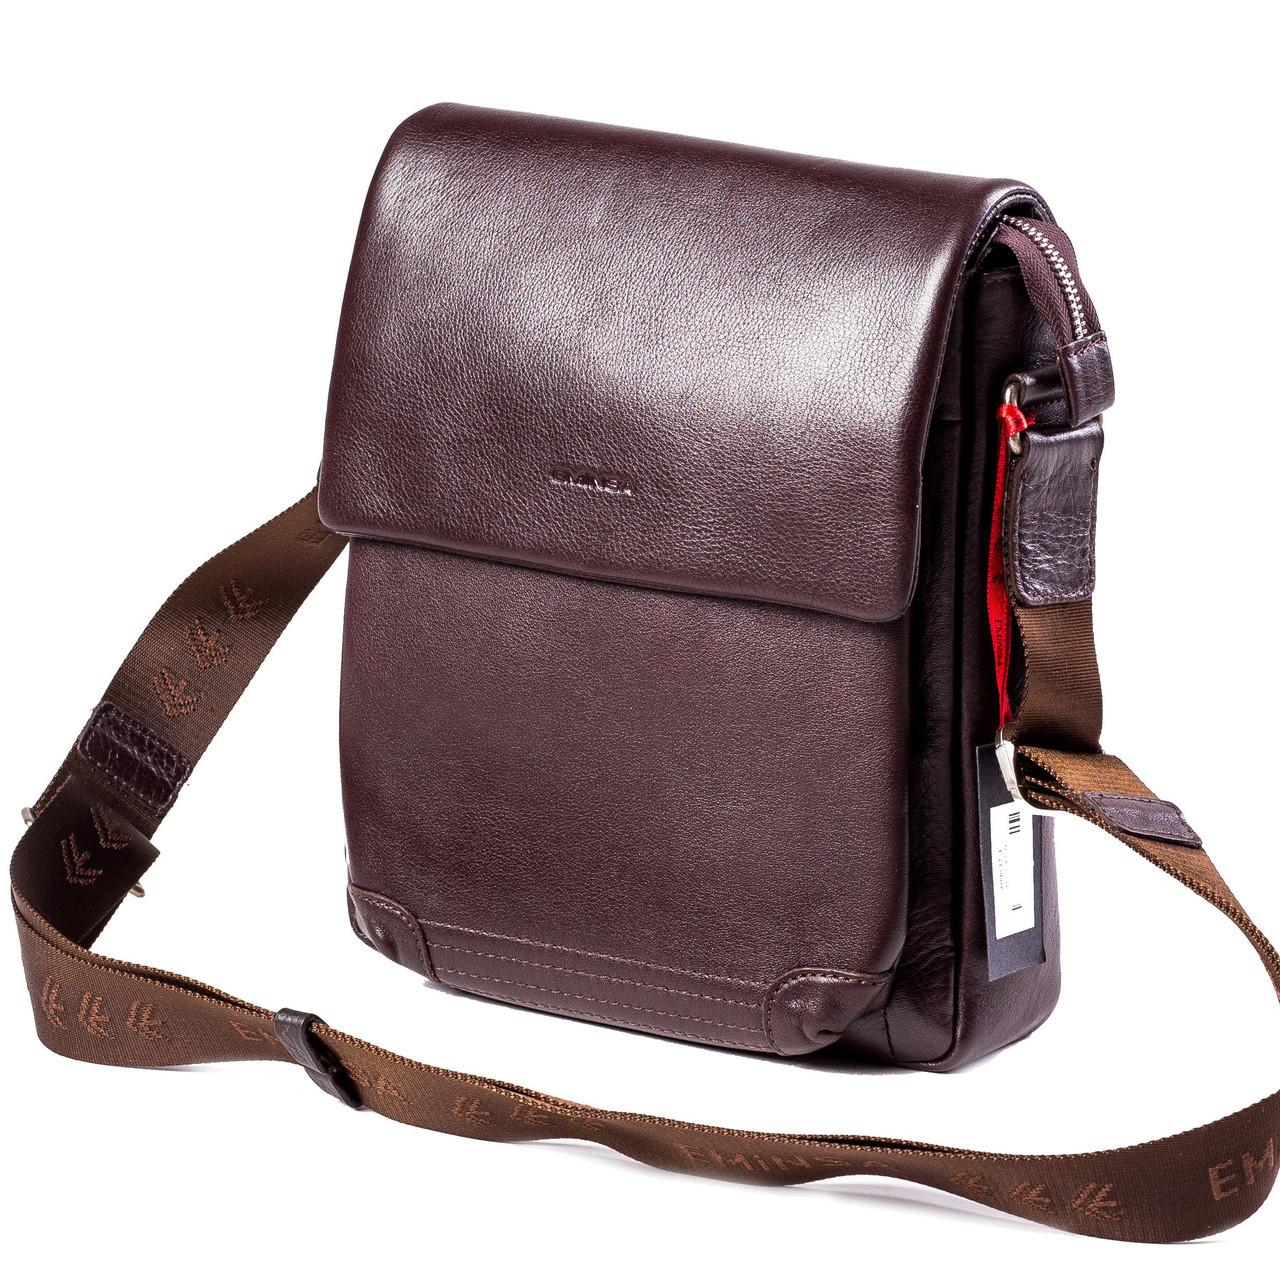 Мужская сумка кожаная коричневая Eminsa 6090-12-3 4d093b1c193c0